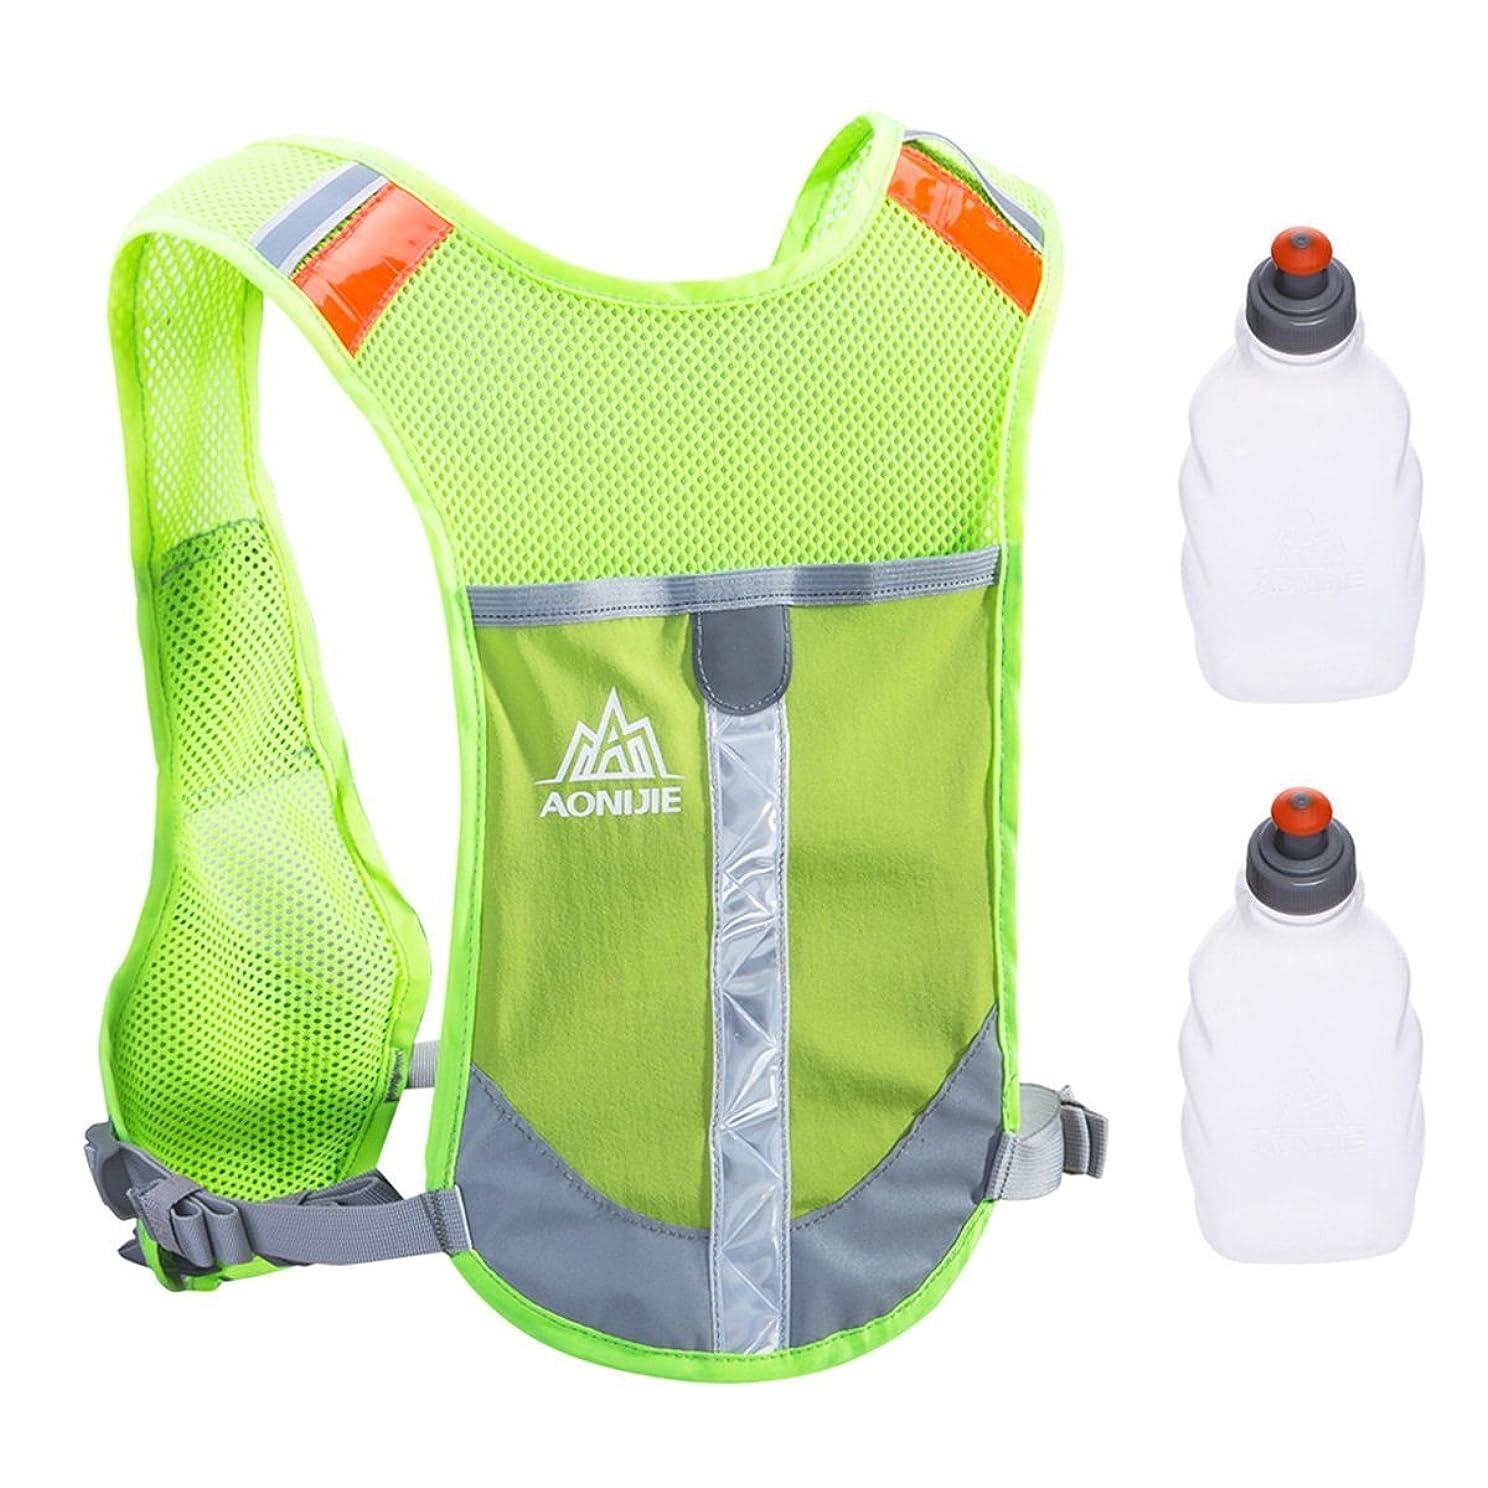 スナップ因子ドループTRIWONDER 反射ベスト 軽量 安全 サイクリングバッグ 自転車バッグパック ランニング マラソン リューク